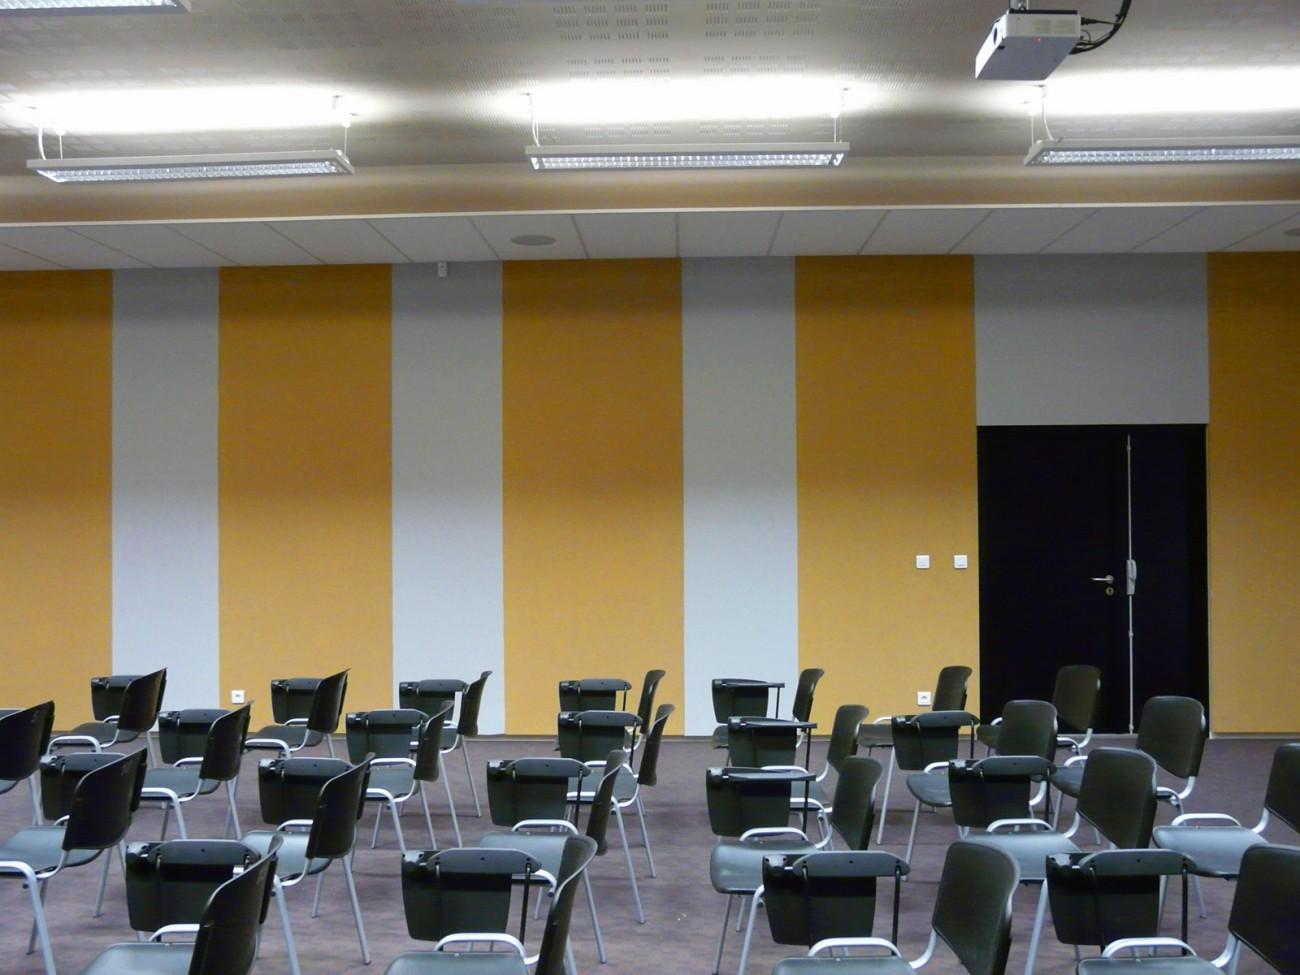 bourgueil rouleau architectes centre d 39 examen du permis de conduire parcay meslay 37. Black Bedroom Furniture Sets. Home Design Ideas